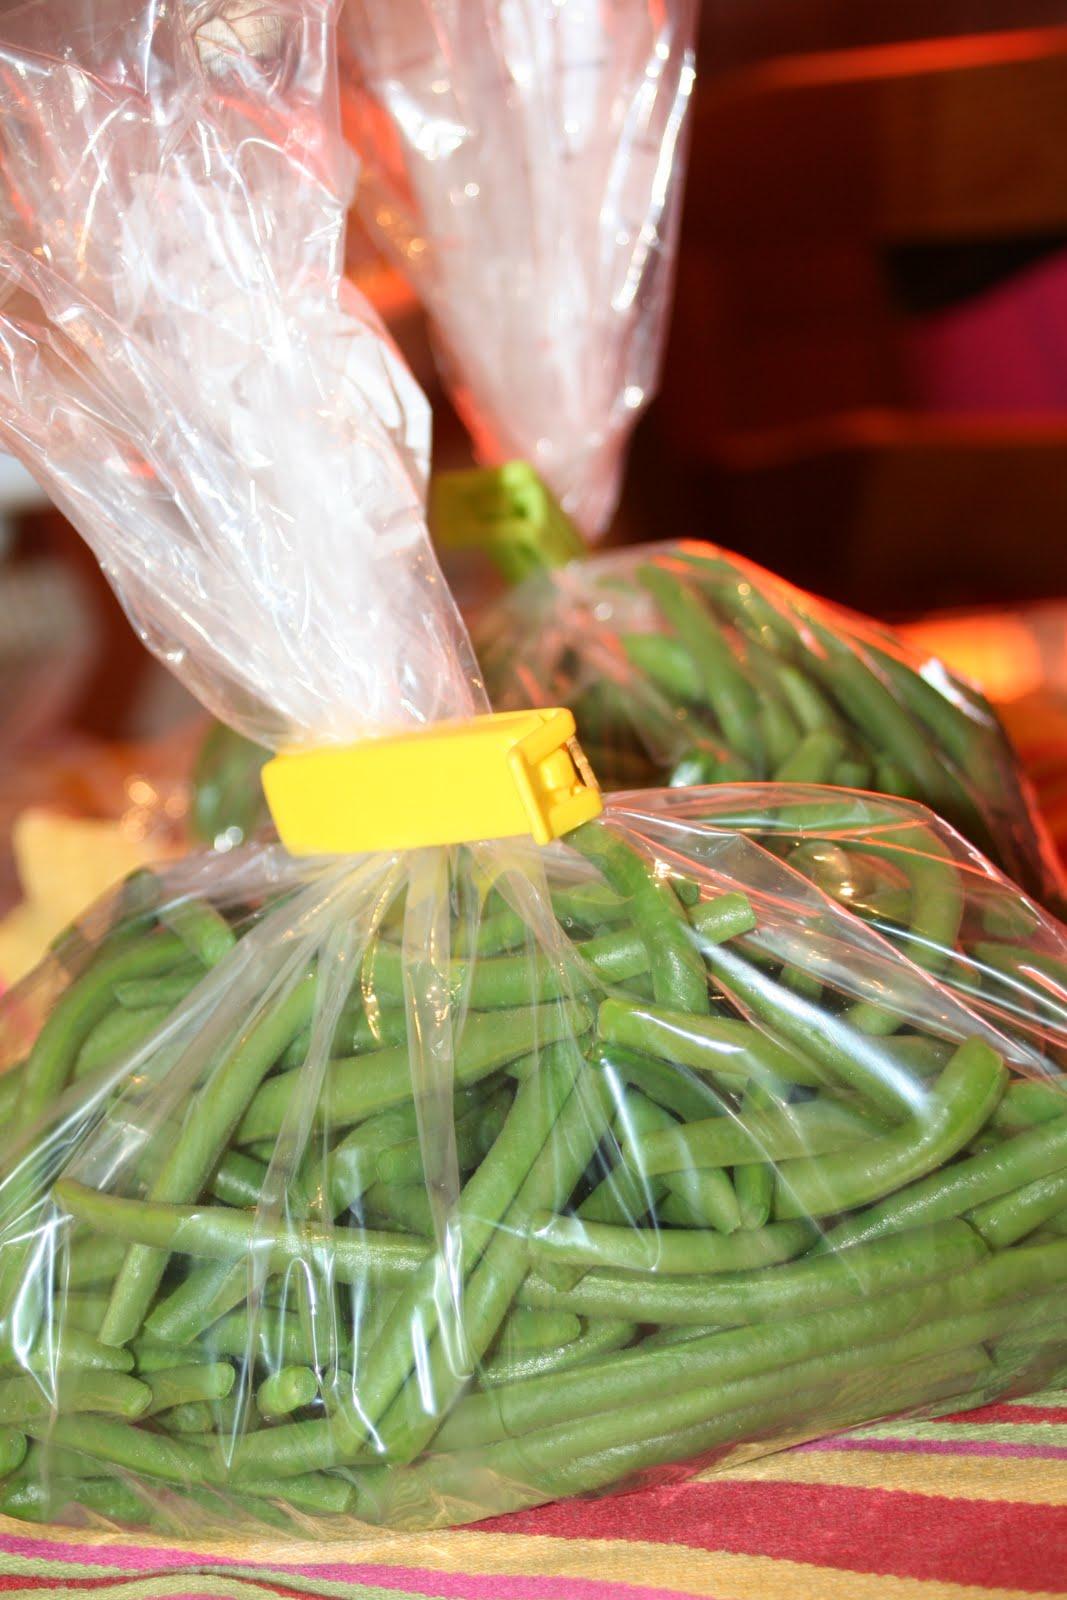 Les trouvailles de cacaille congeler des haricots verts - Cuisiner les haricots verts ...